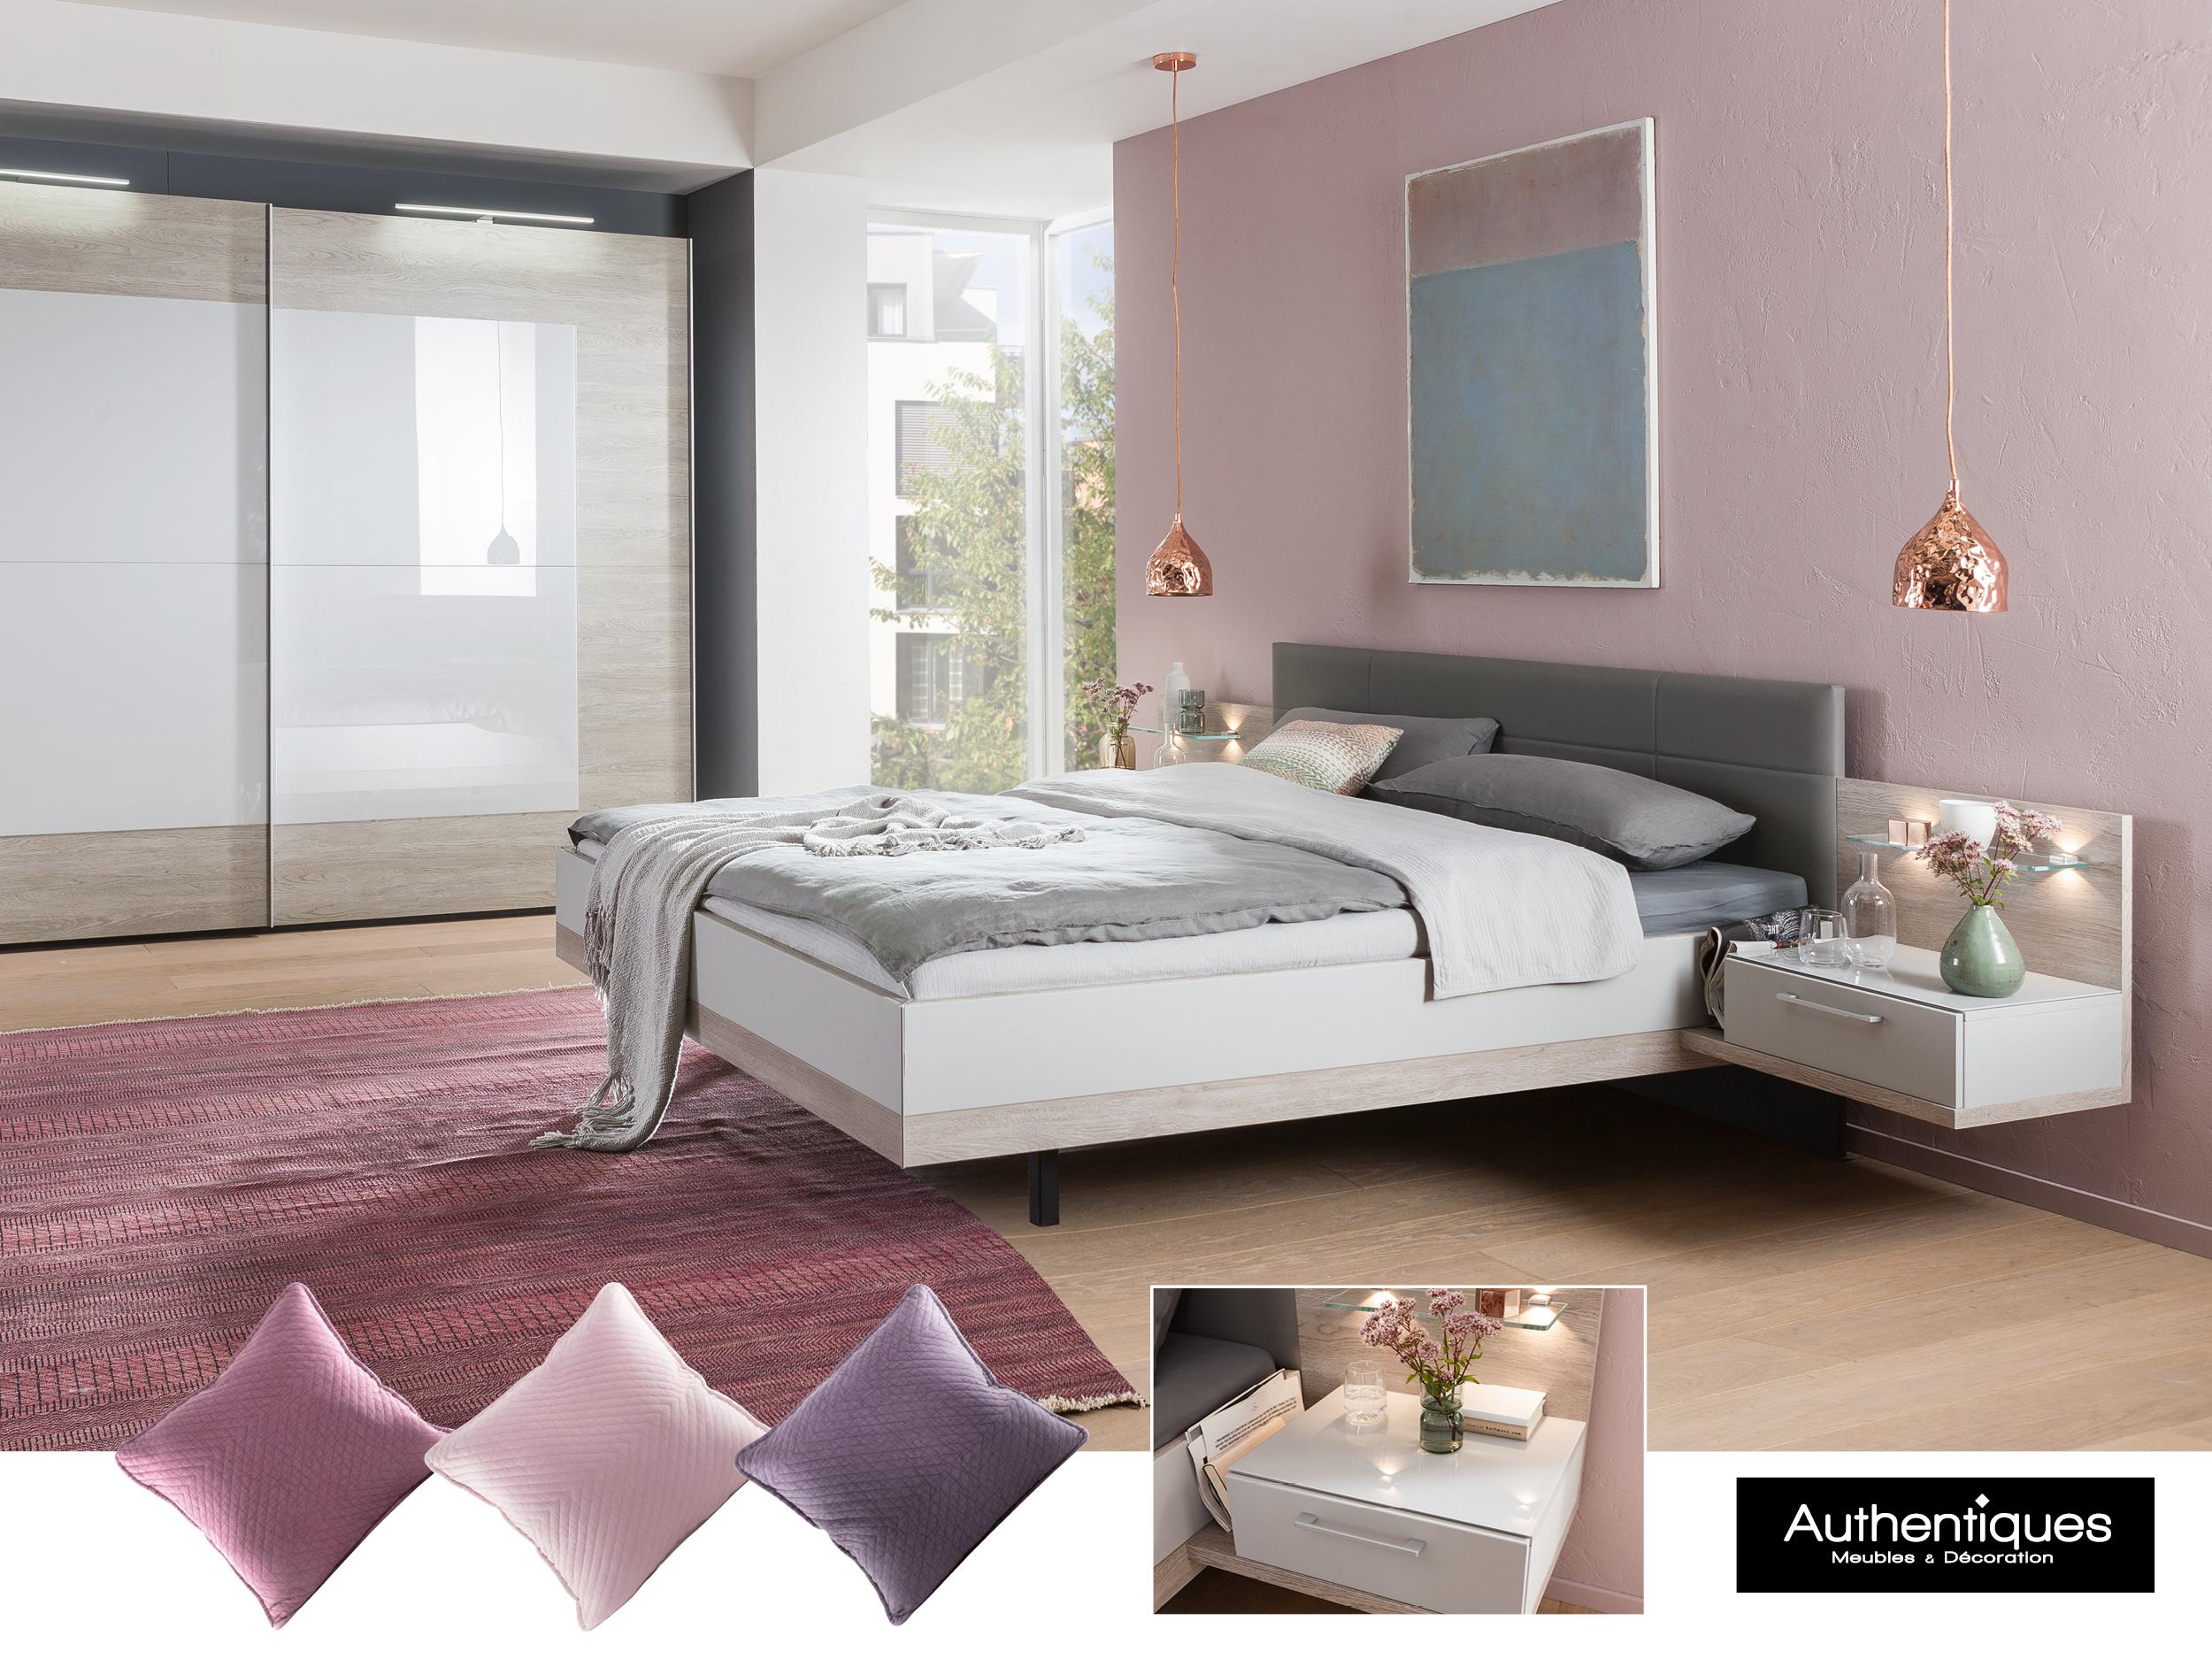 Authentiques-5-idées-deco-chambres